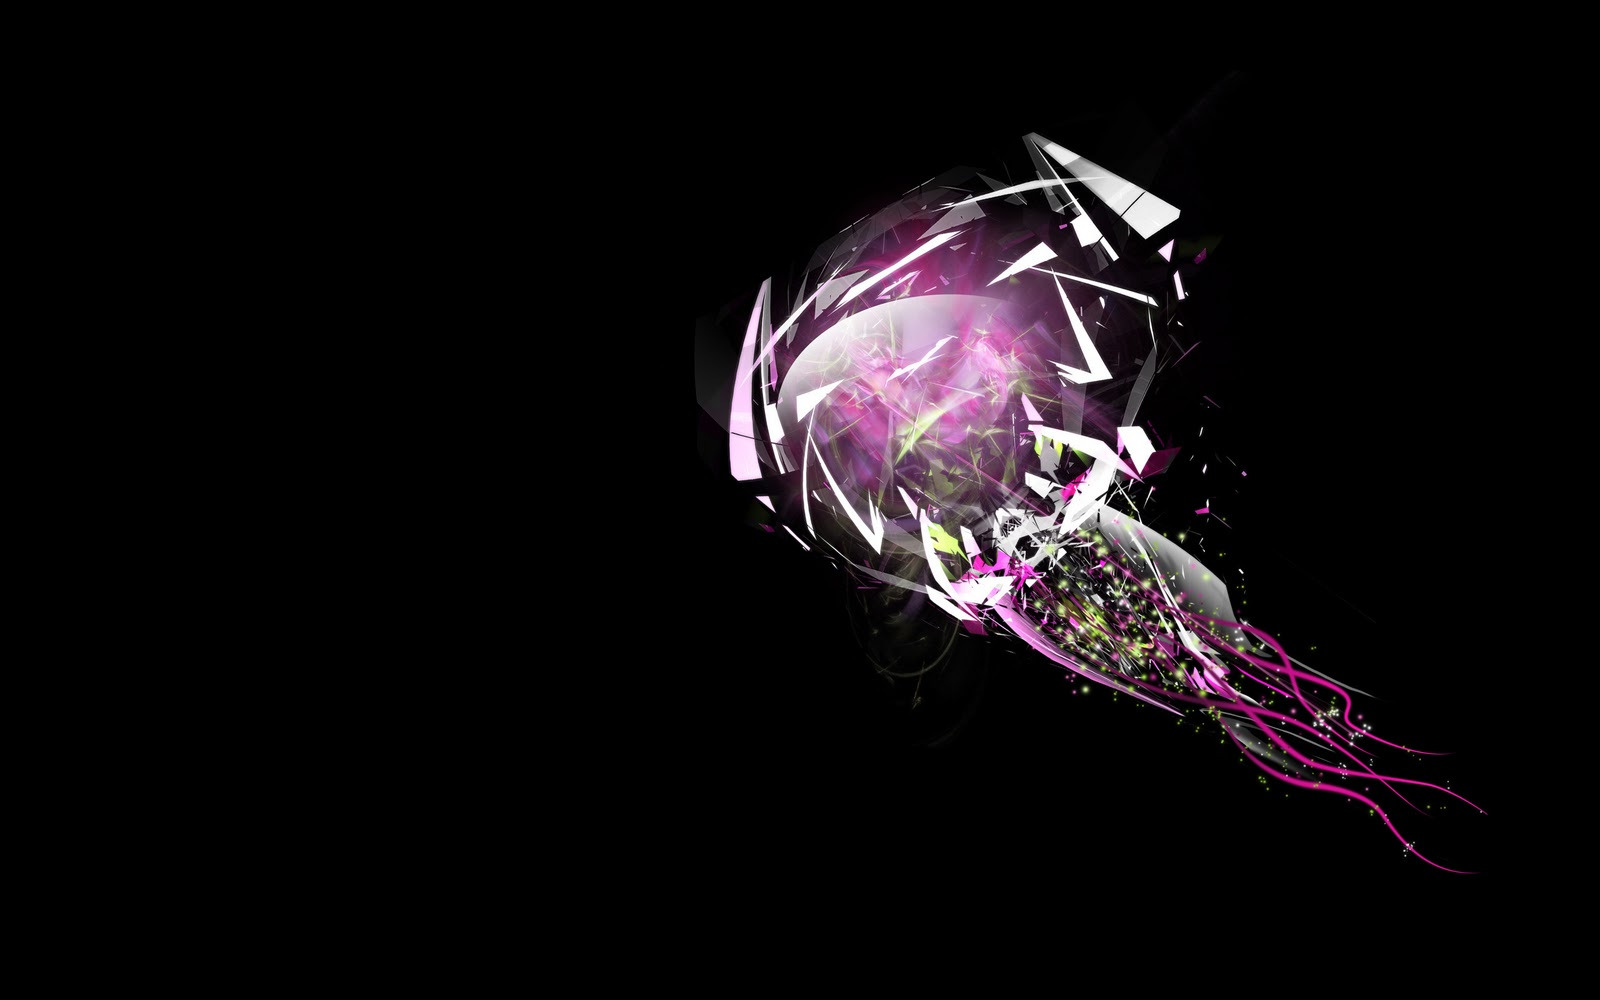 http://3.bp.blogspot.com/-PJk4q9ap1r0/TnjmFJ05BXI/AAAAAAAABaw/uczaamX-ic4/s1600/TheWallpaperDB.blogspot.com%2B_%2Bhd%2Bwallpaper%2B%2B%2525286%252529.jpg